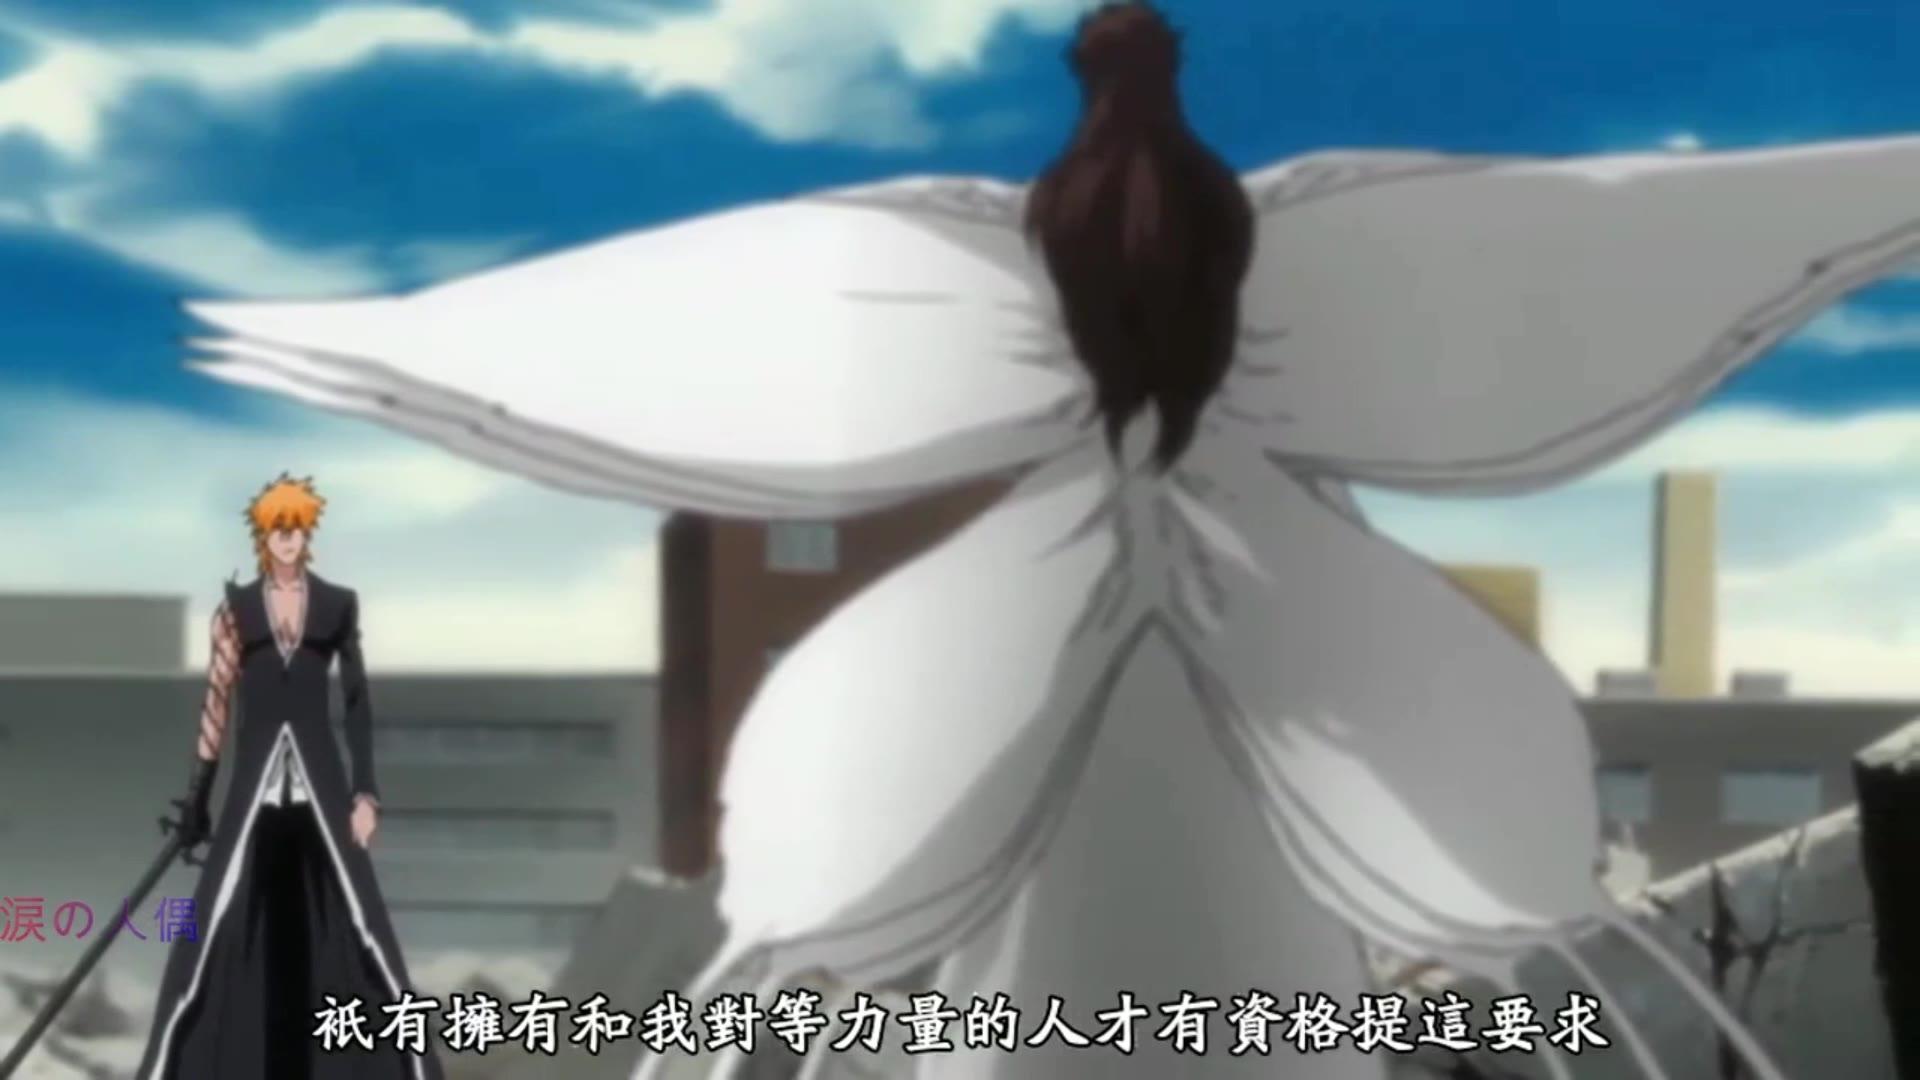 【人偶/死神/补档】黑崎一护VS蓝染队长,巅峰之战!